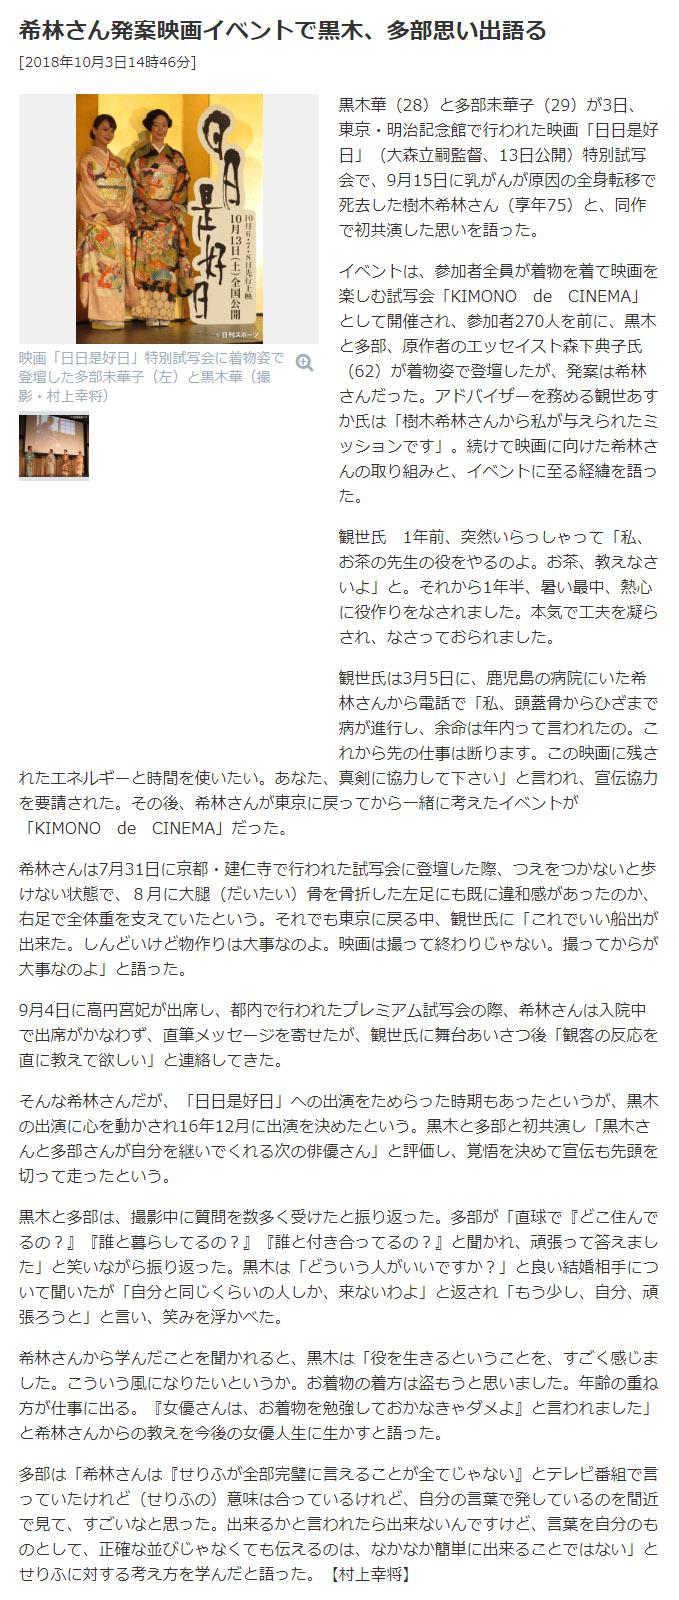 nikkansports2018_10_03-000.jpg